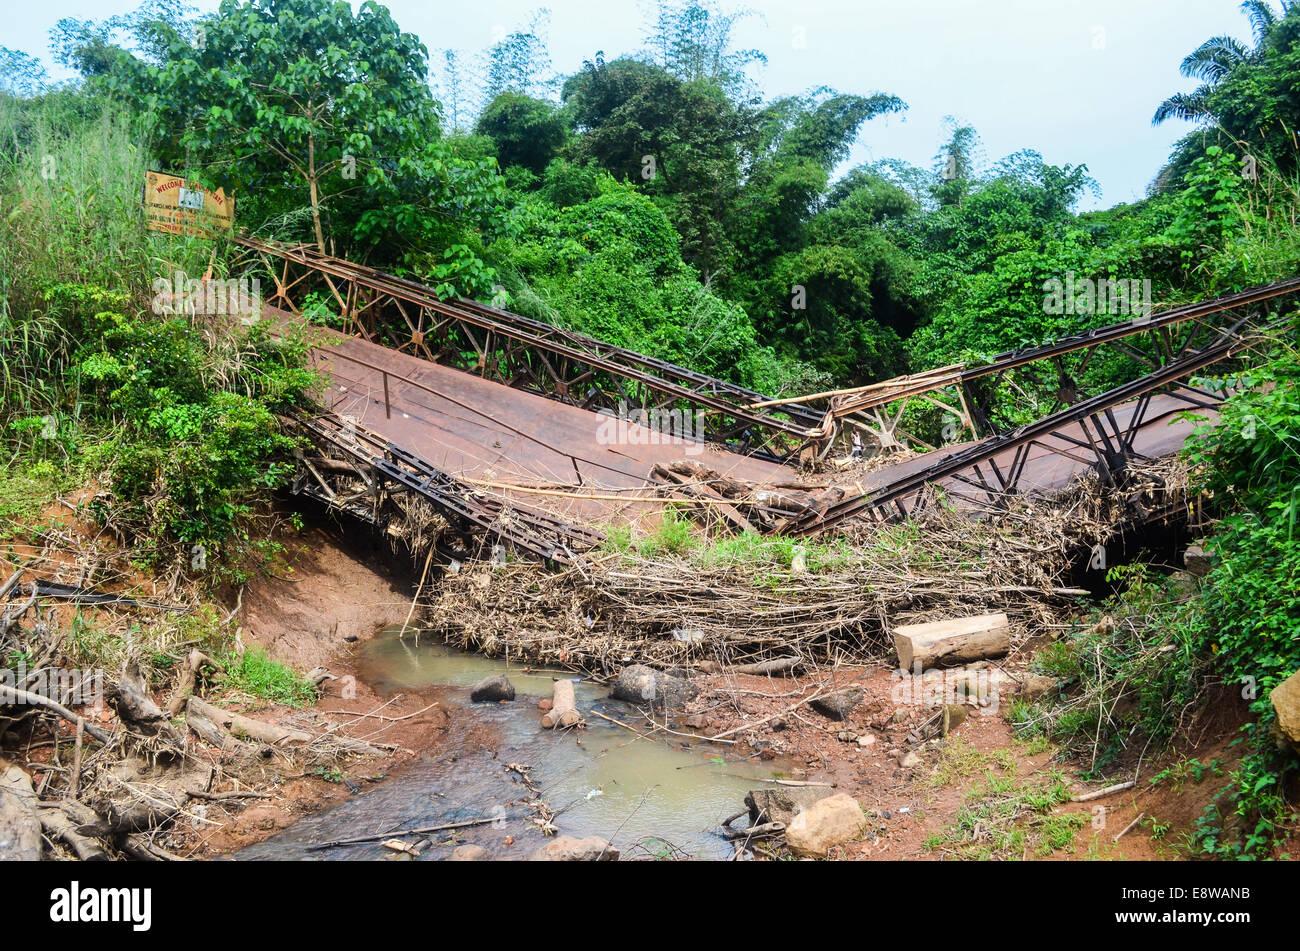 Schlechte Infrastruktur in Nigeria, Feldwege, Überschwemmungen und defekte Brücken Stockbild